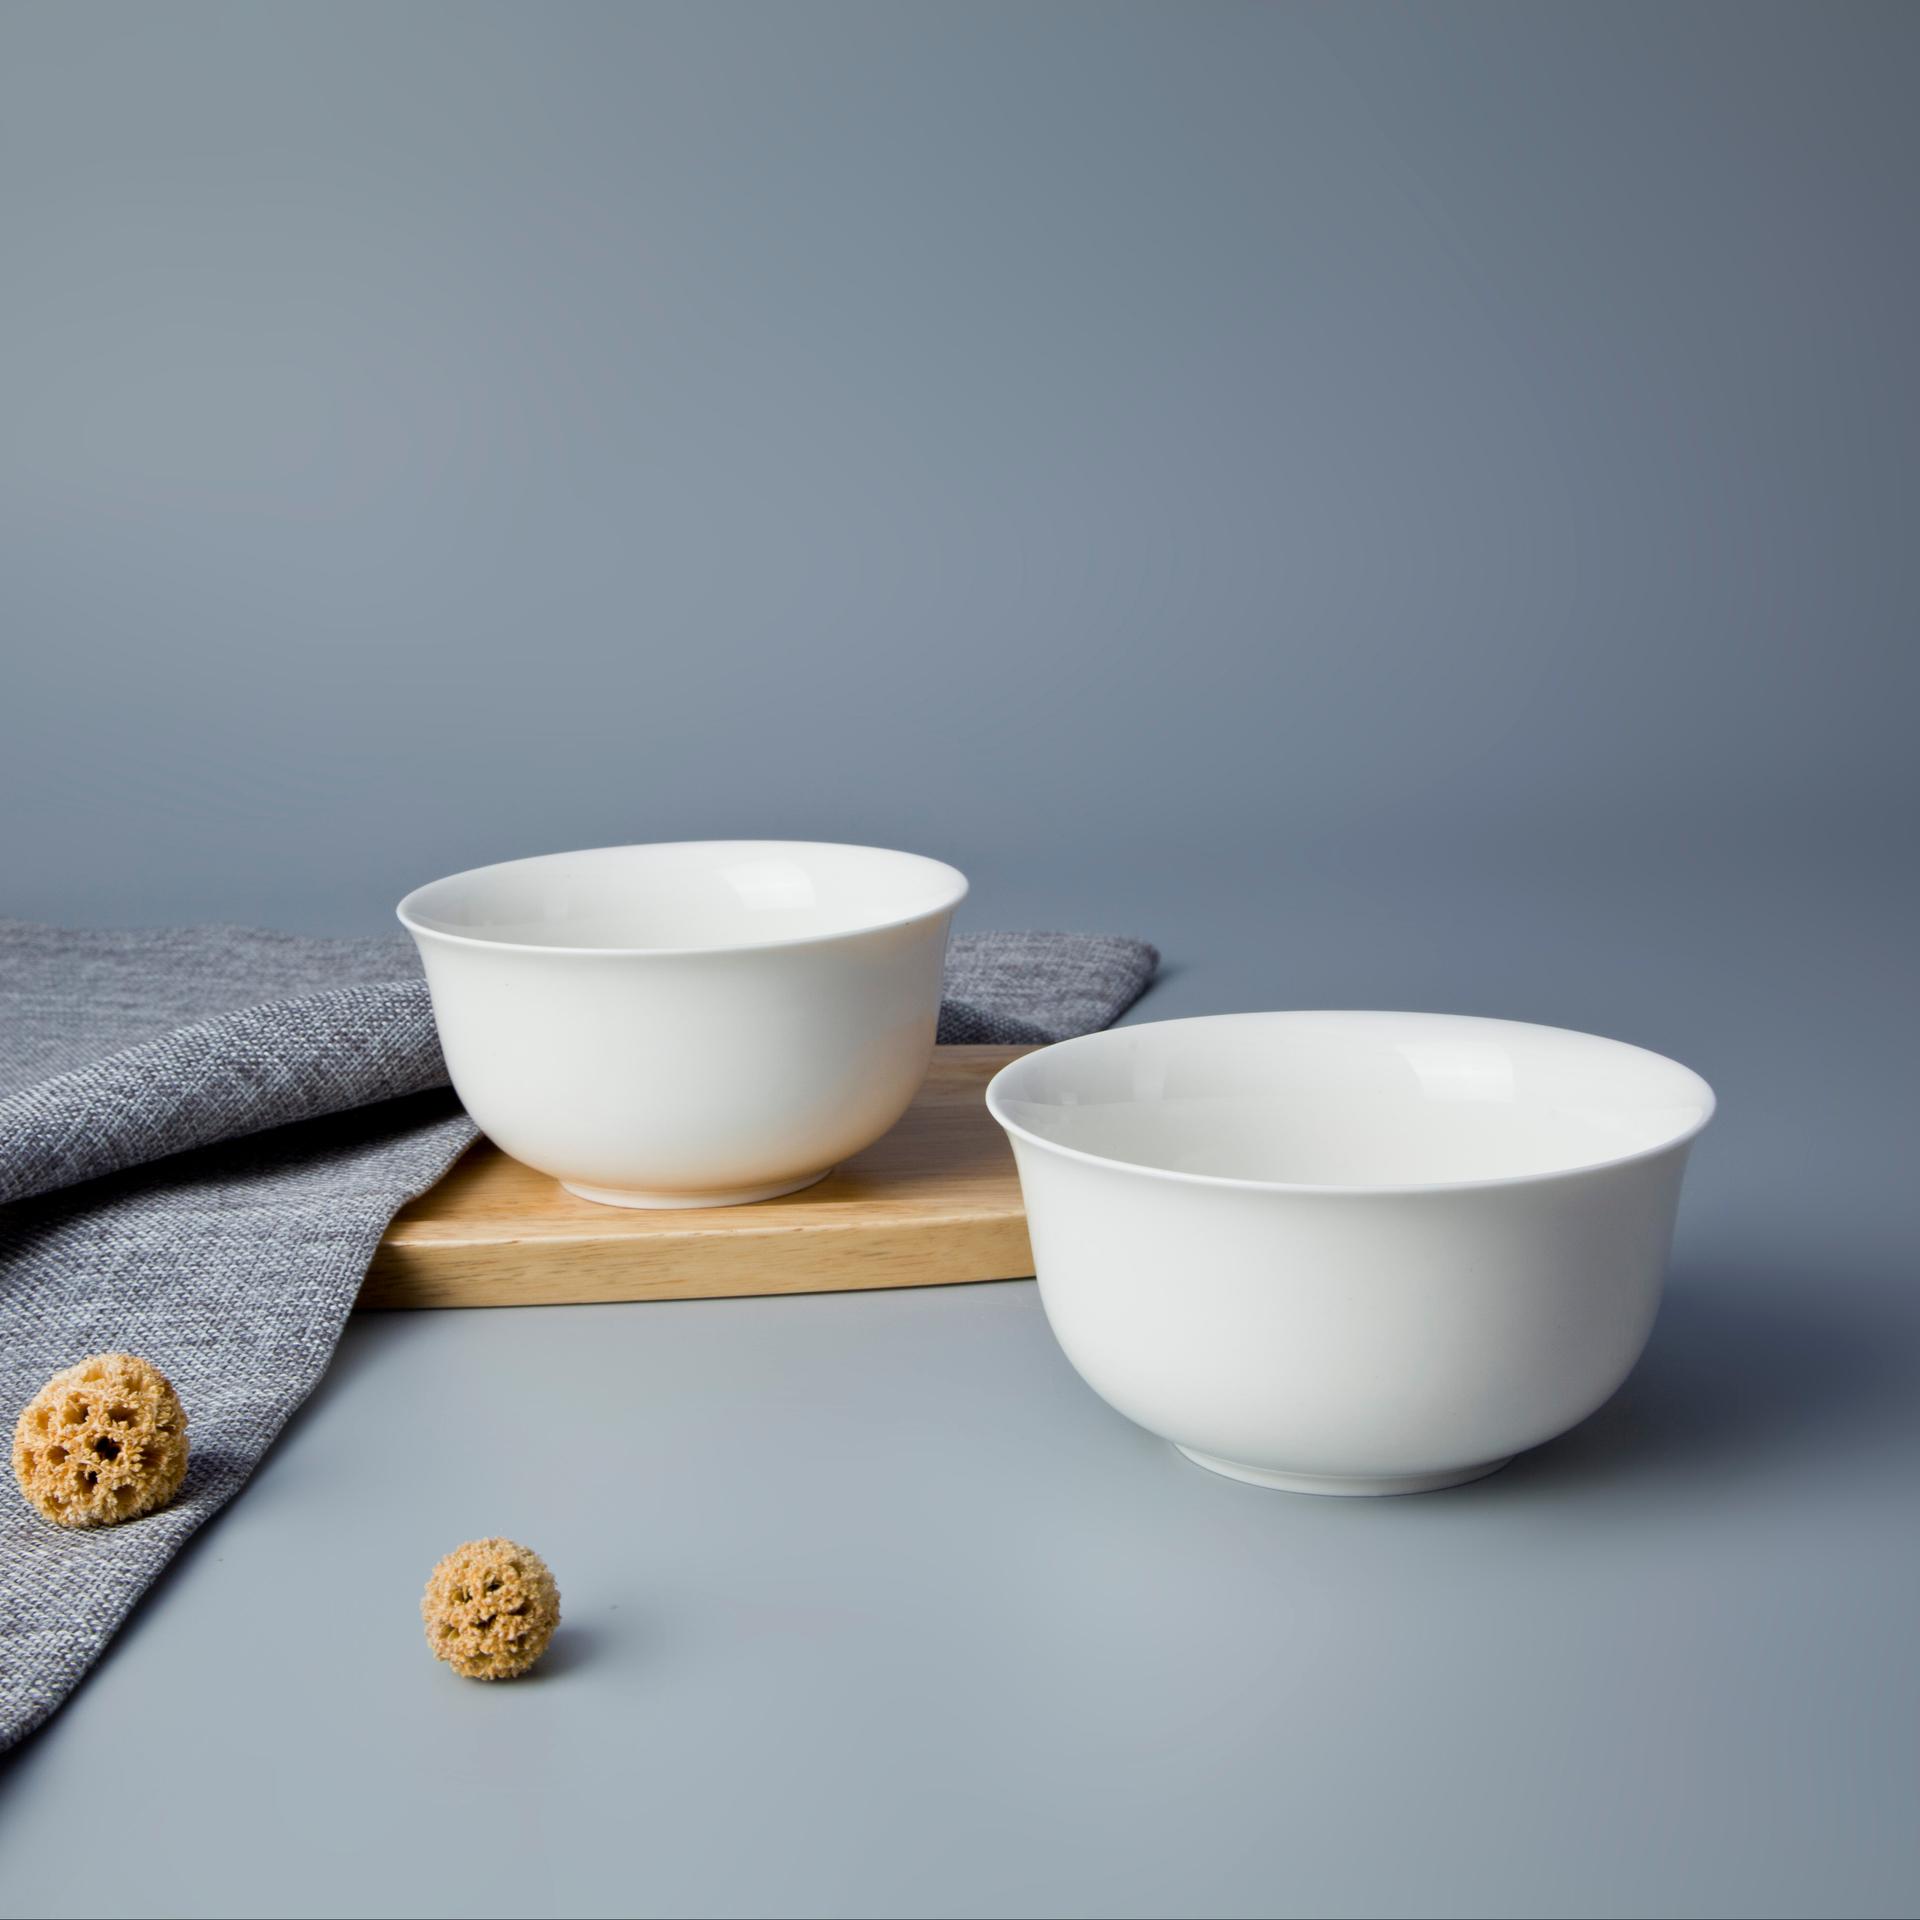 wholesale fine oven safe ceramic tableware porcelain cereal bowl